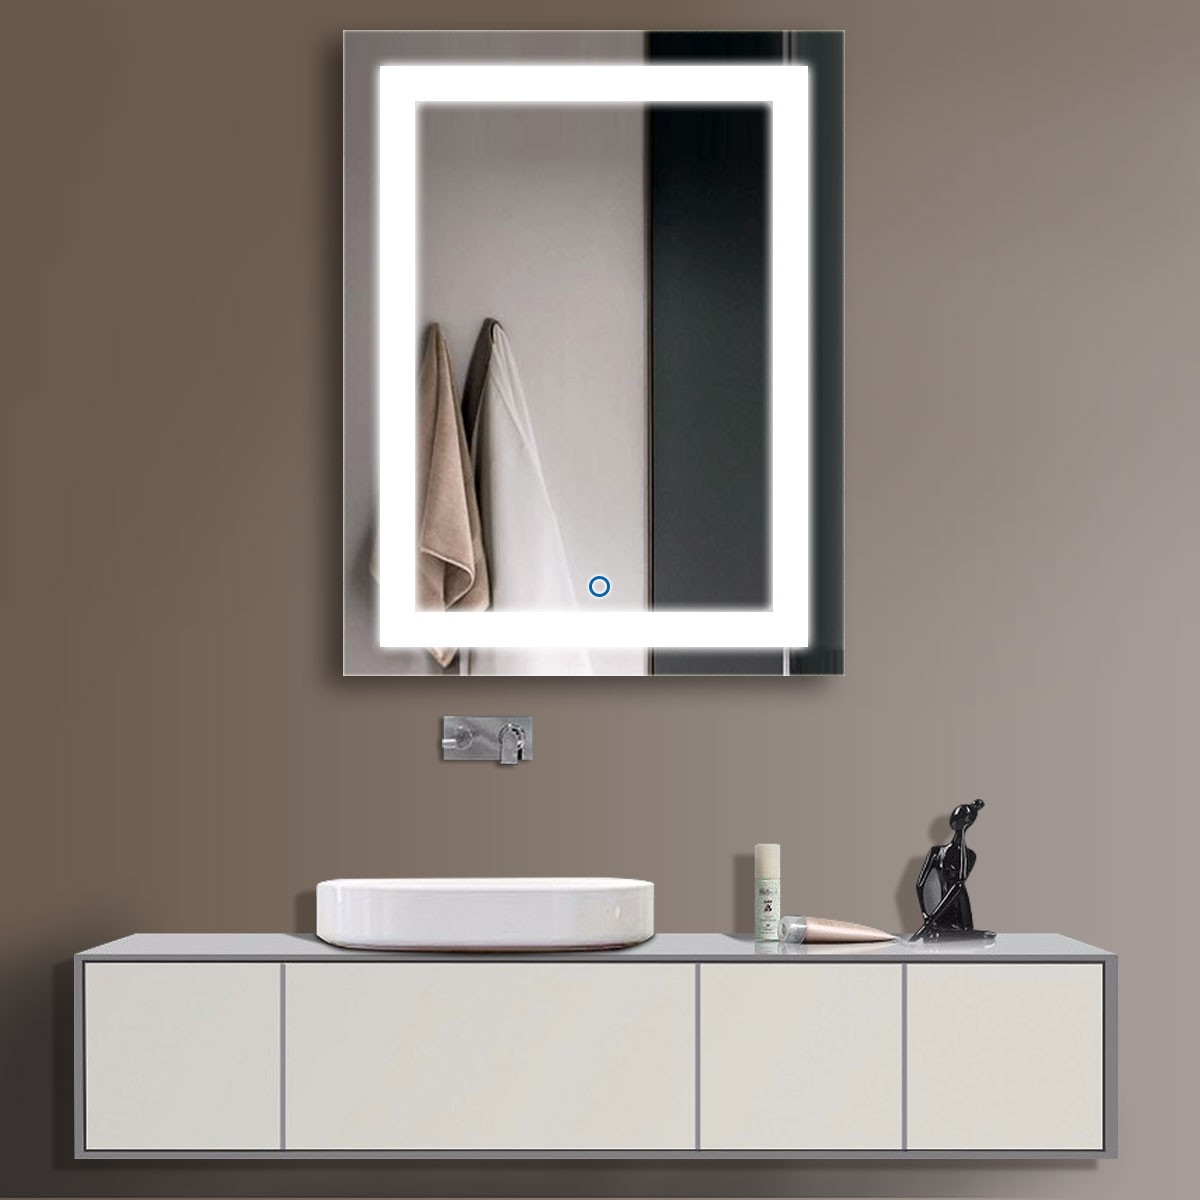 28 x 36 po miroir vertical argent led salle de bains avec